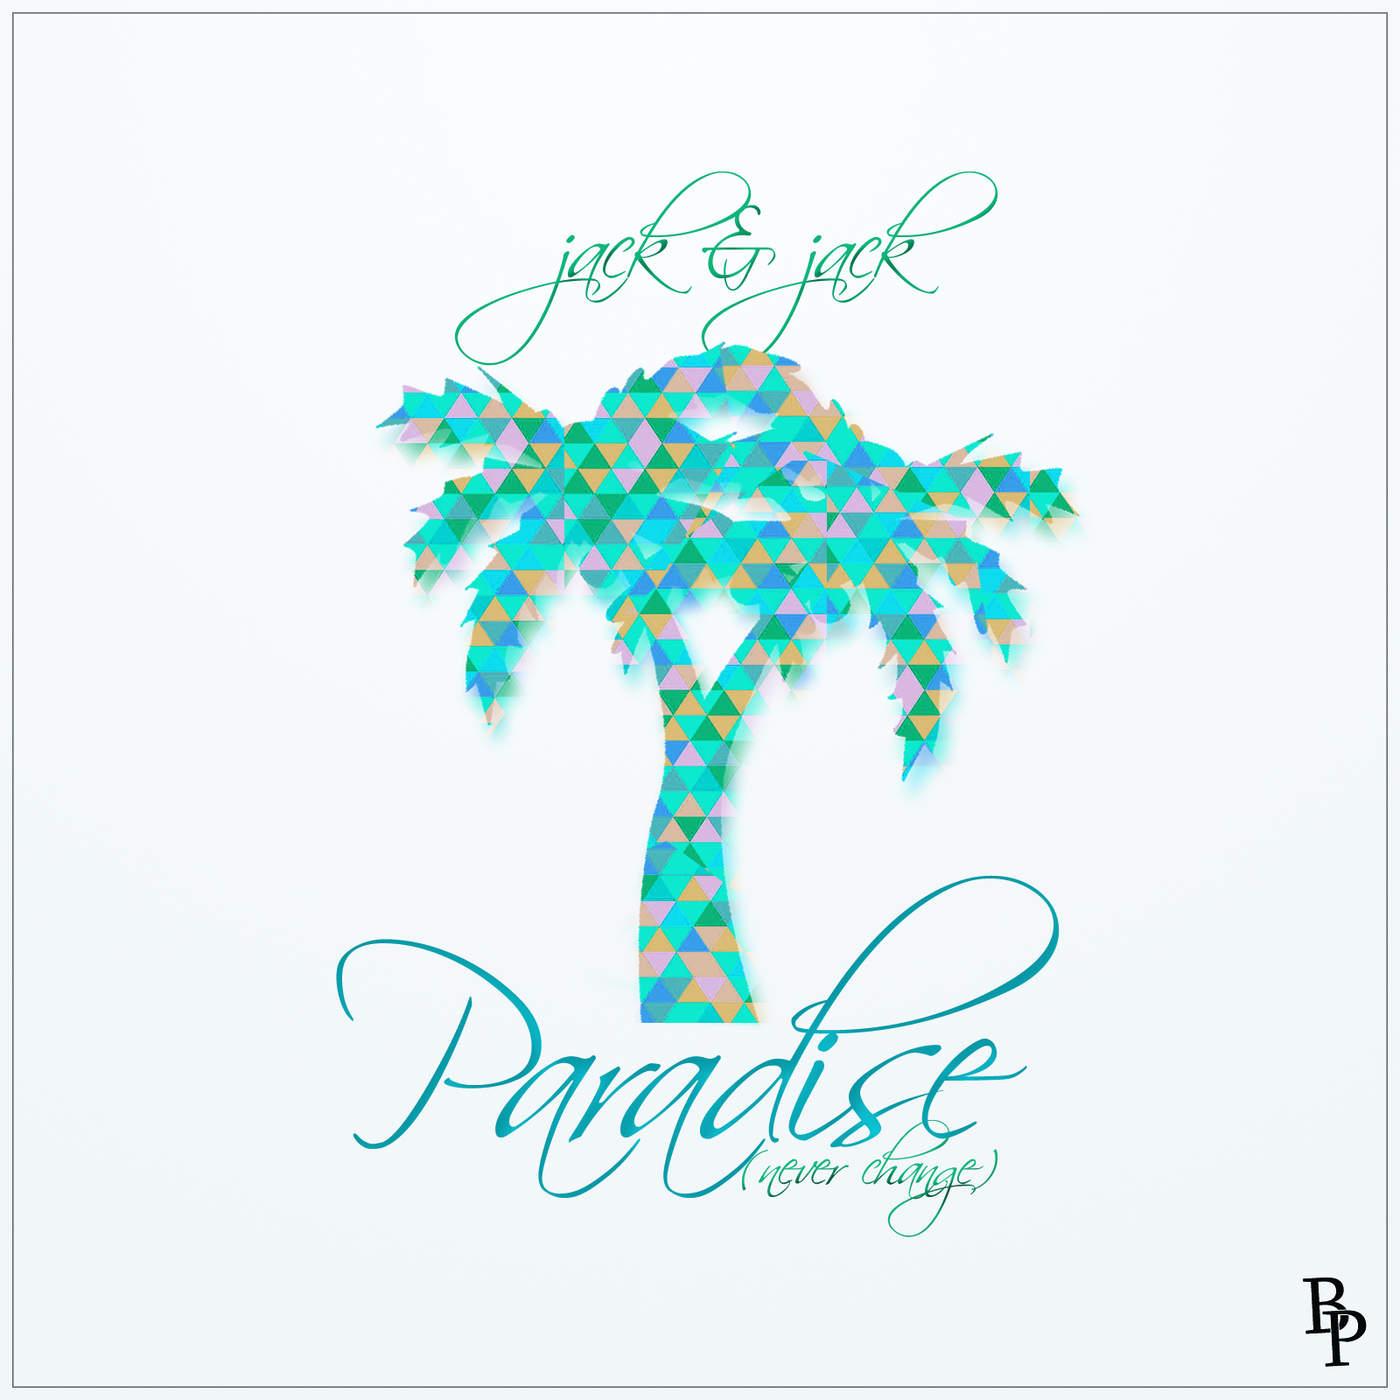 Jack & Jack - Paradise (Never Change) - Single Cover